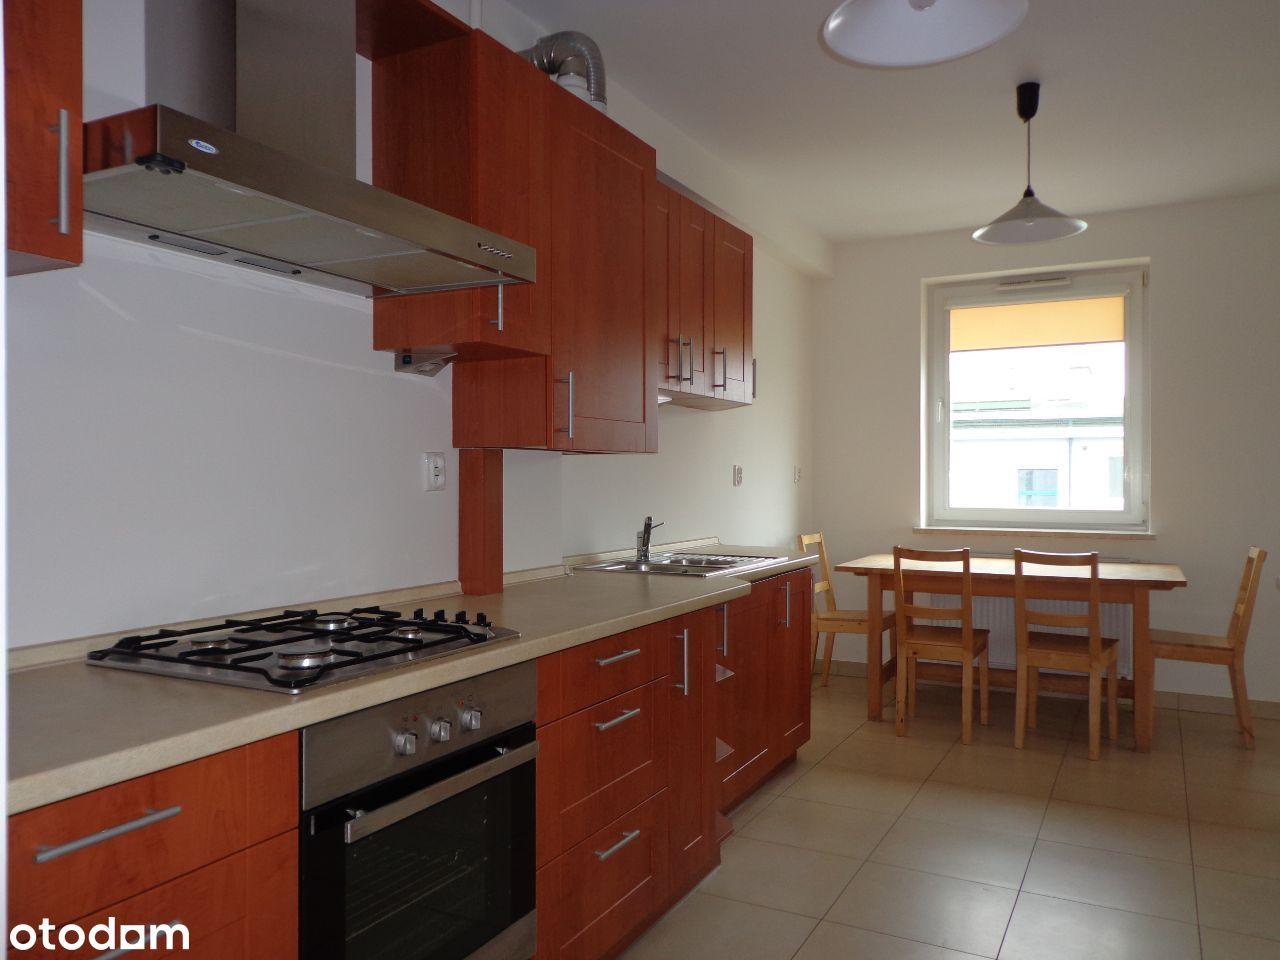 Mieszkanie 3 pokojowe z oddzielną widną kuchnią